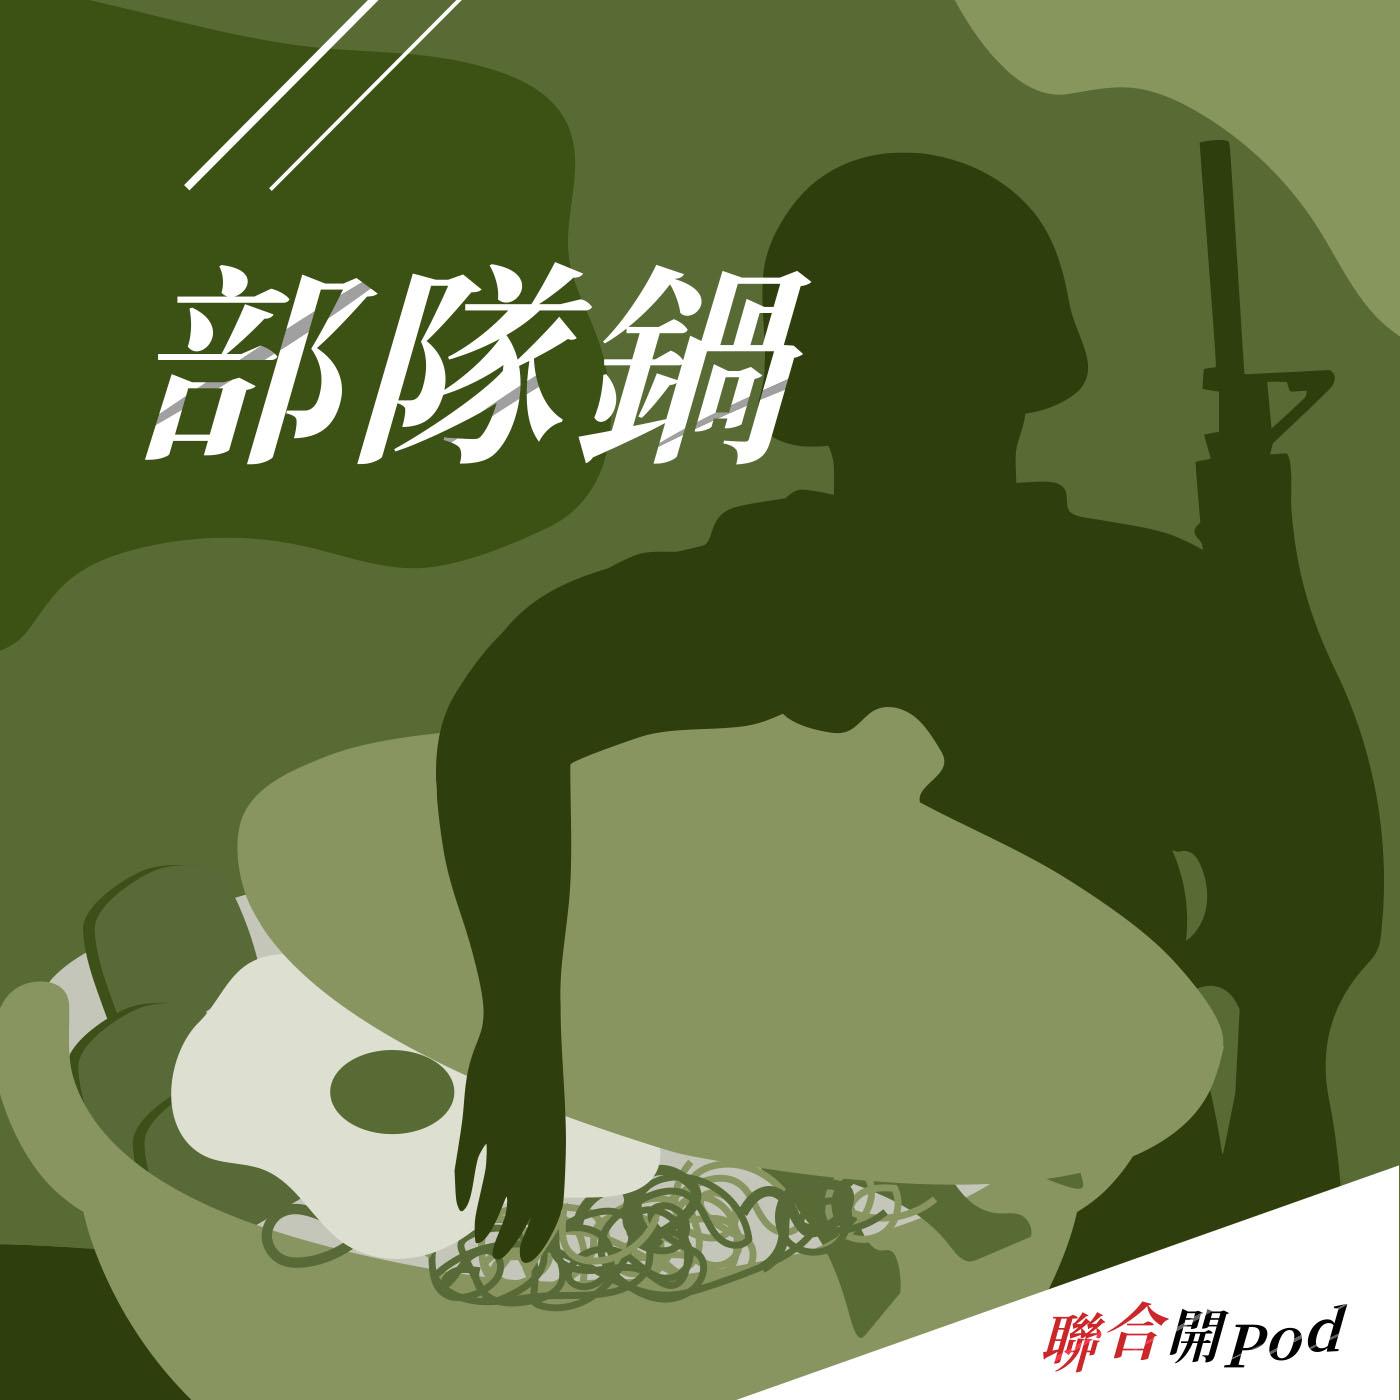 部隊鍋 EP32|台灣國防預算健康嗎? 軍方不知口袋多深卻什麼都想買?